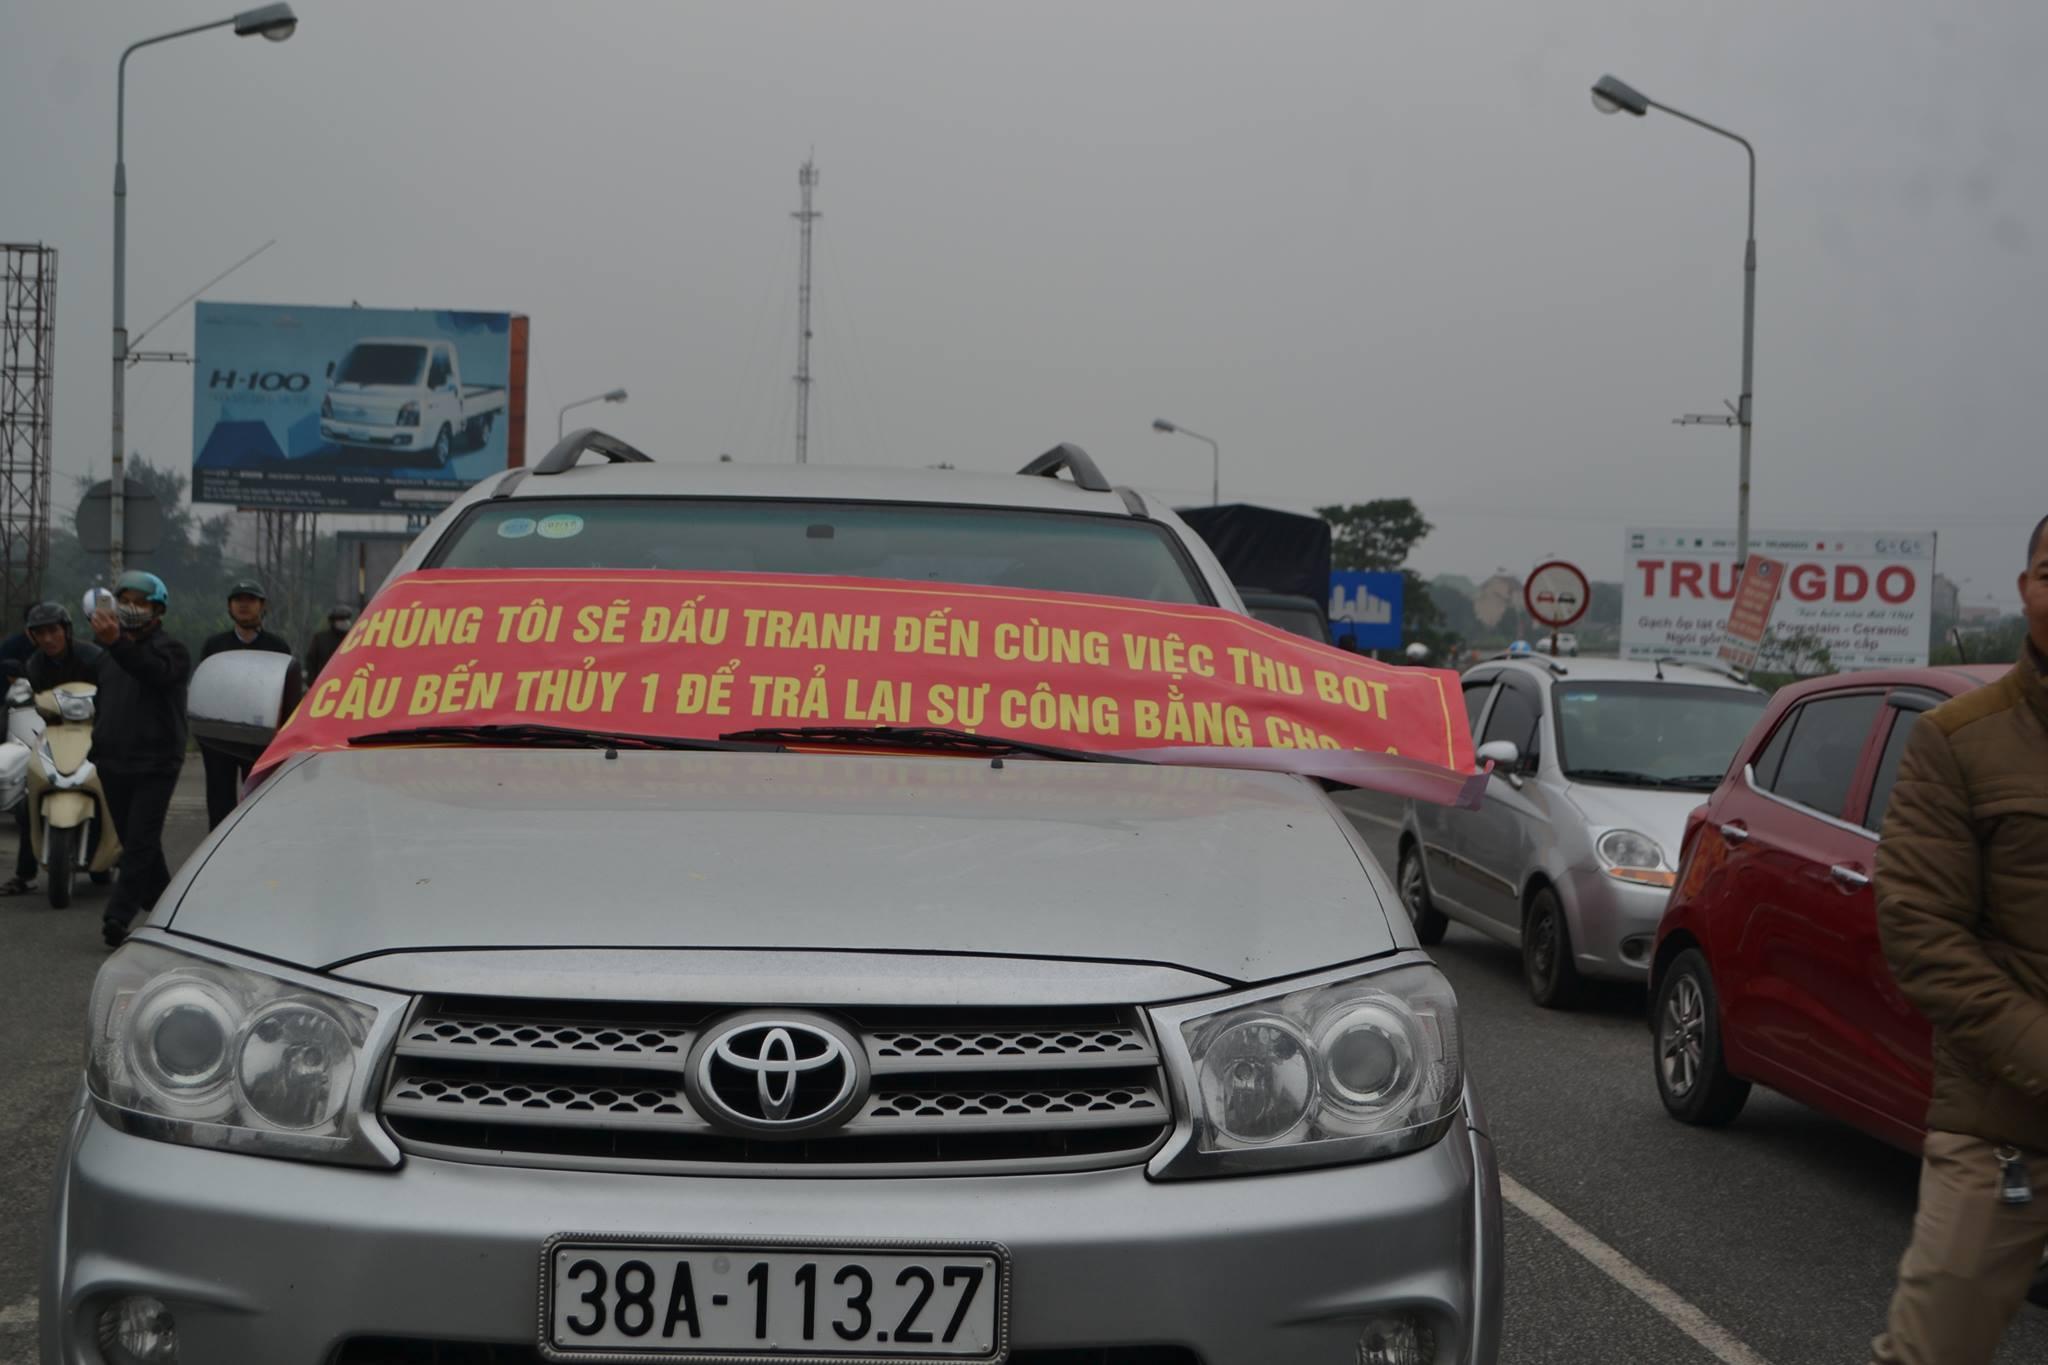 Thủ tướng CSVN lấy lý do tết đến để đàn áp tài xế phản đối trạm BOT